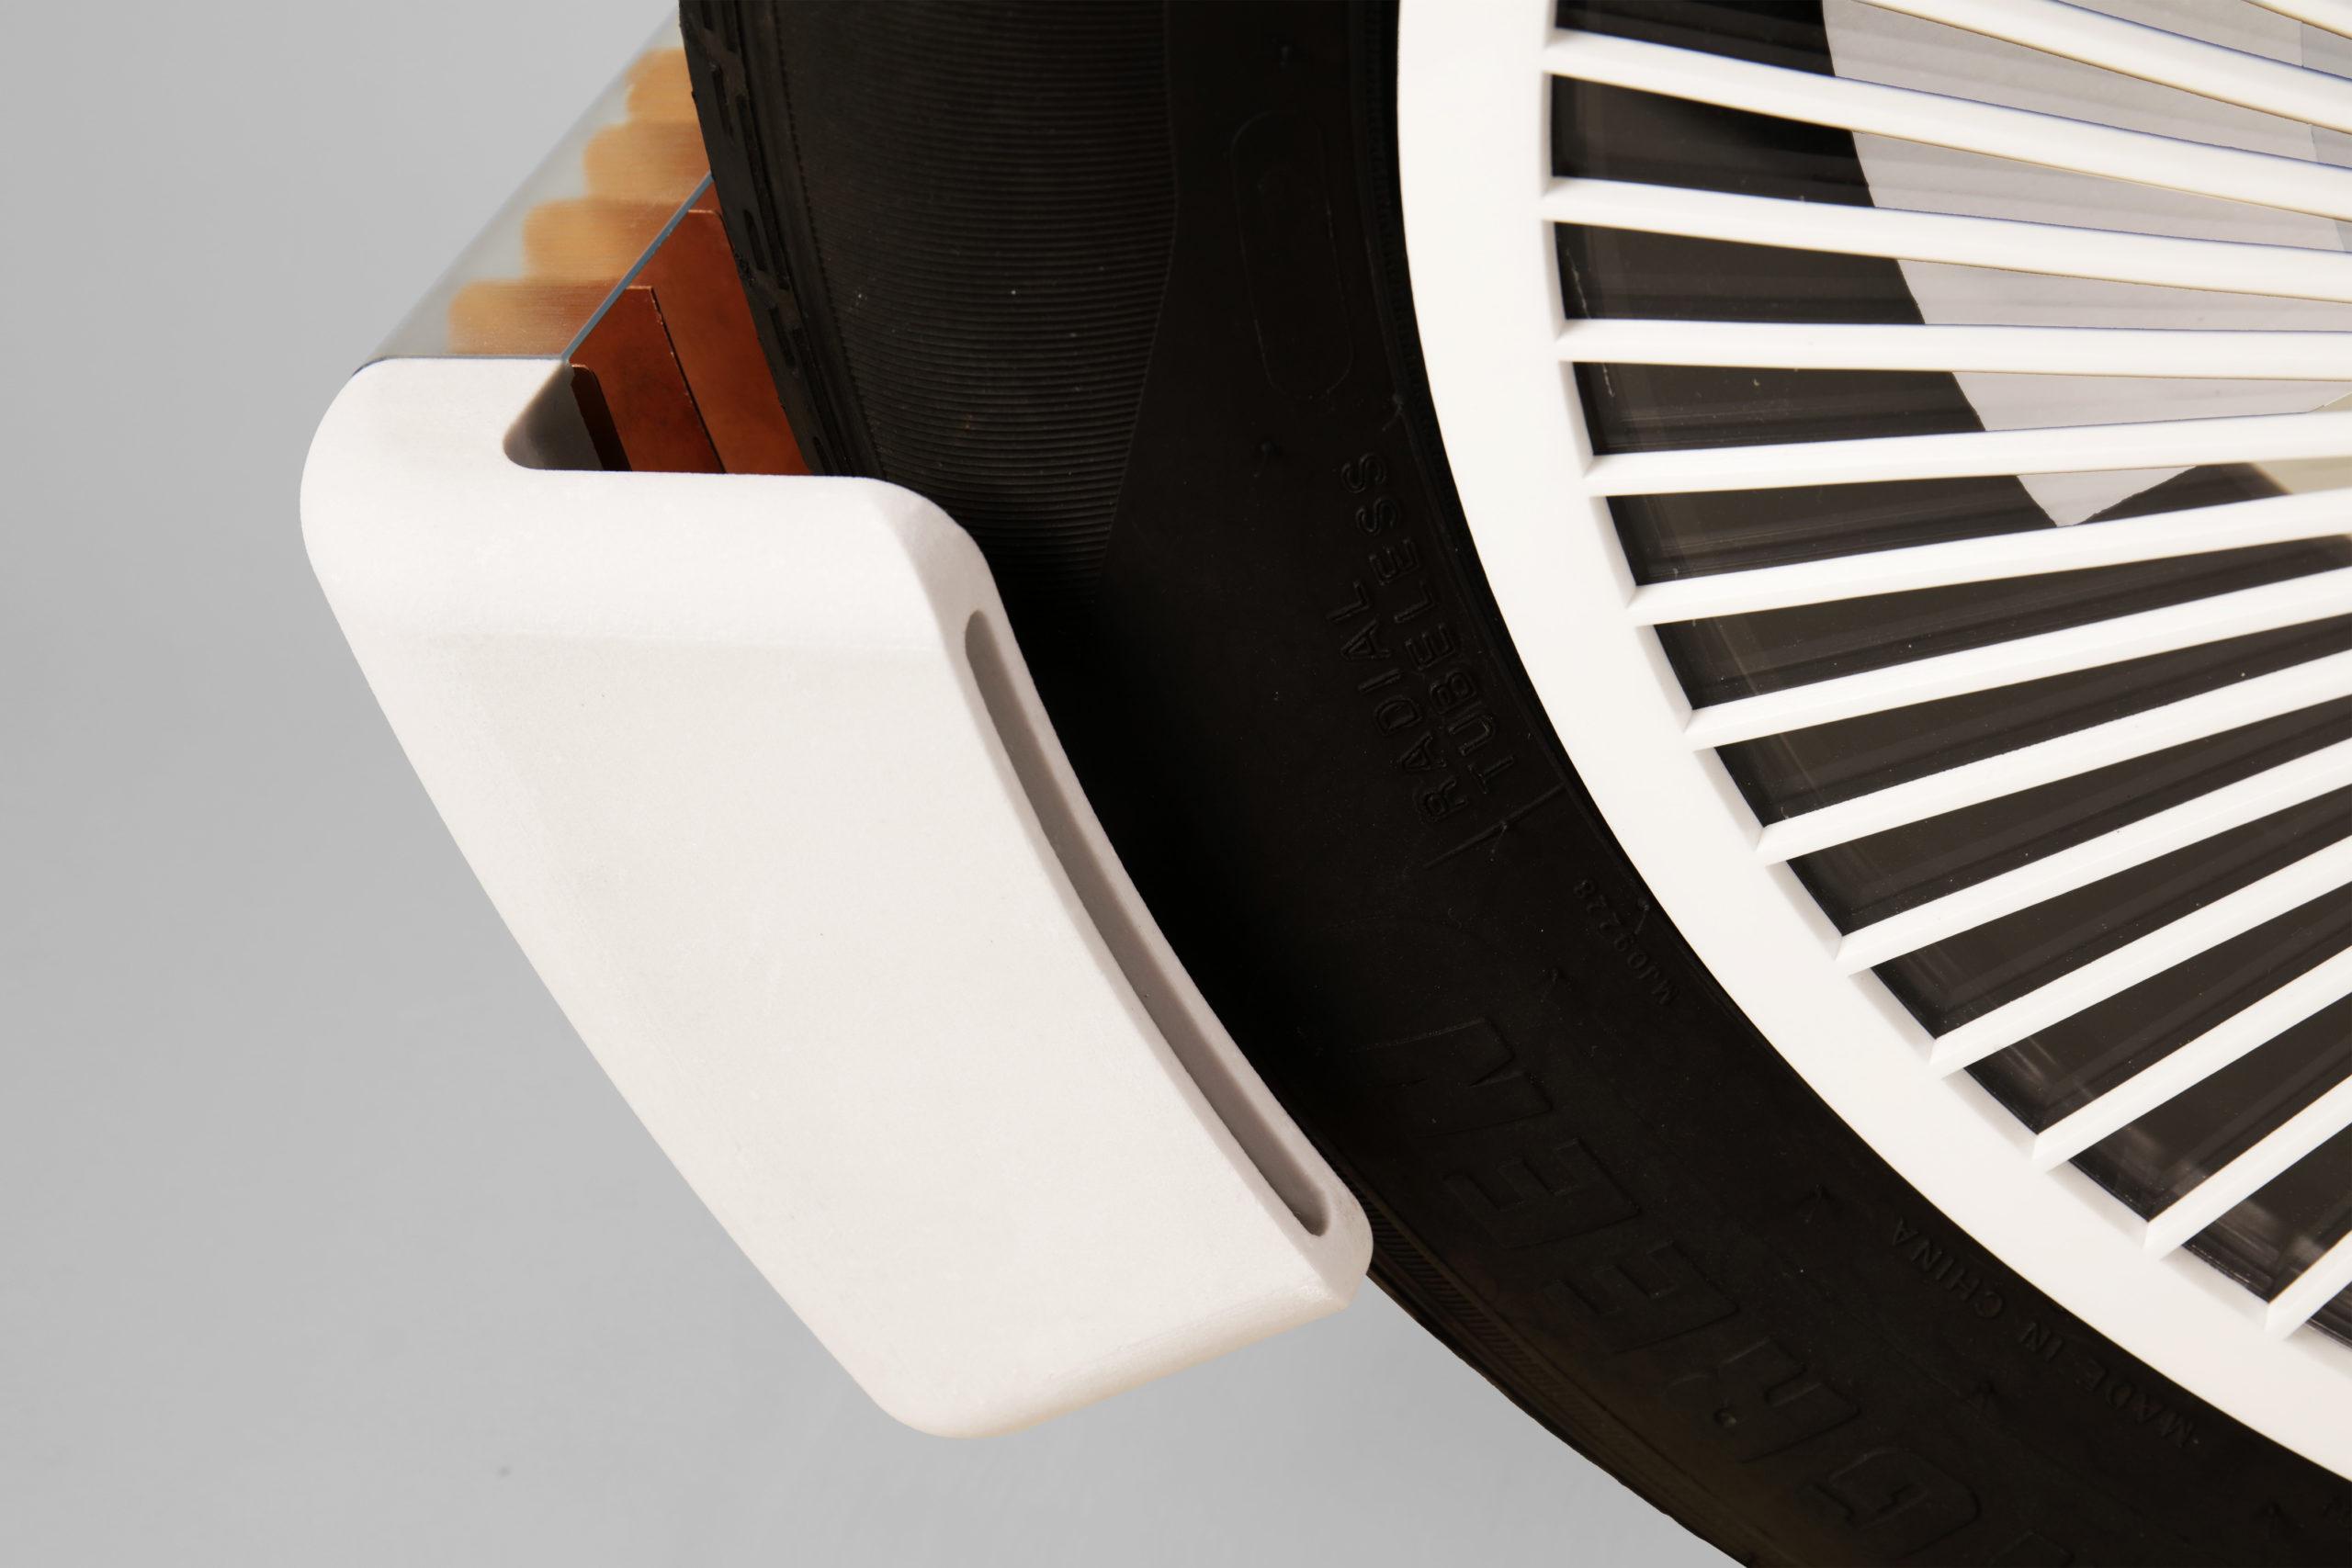 Captura partícula pneus